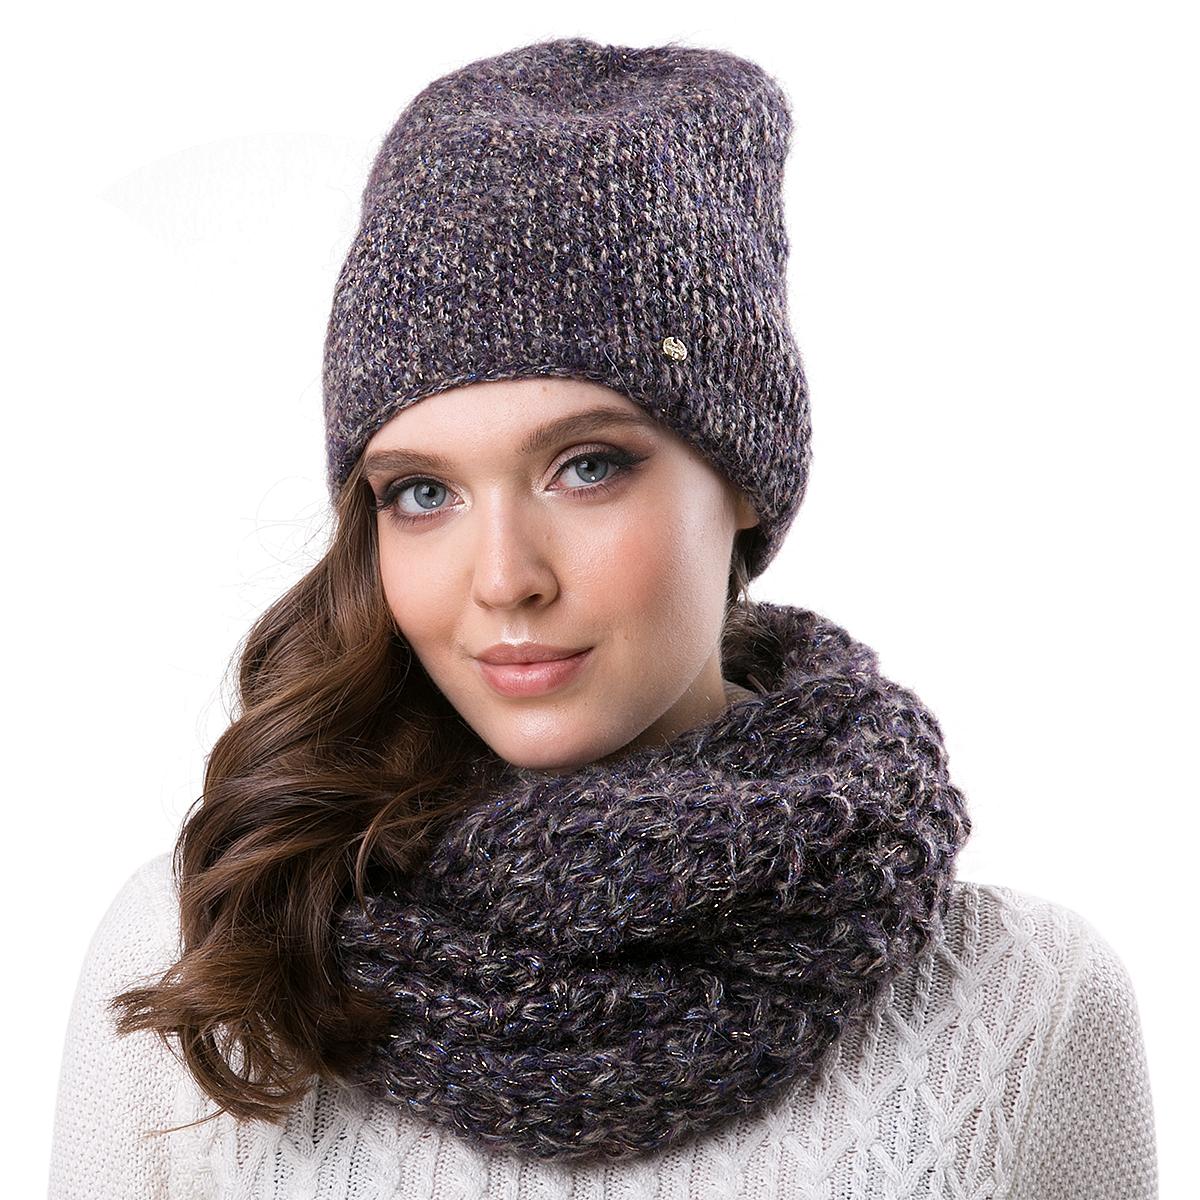 Шапка женская Dispacci, цвет: темно-синий. 21201IR. Размер 56/5821201IRСтильная женская шапка Dispacci, изготовленная из пряжи с высоким содержанием мохера и шерсти исключительно мягкая, комфортная и теплая. Трехцветное мулине и двухцветная люрексовая нить, делает эту модель наиболее эффектной и не забываемой. Практичная форма шапки делает ее очень комфортной, а маленькая аккуратная металлическая пластина с названием бренда подчеркивает ее оригинальность.